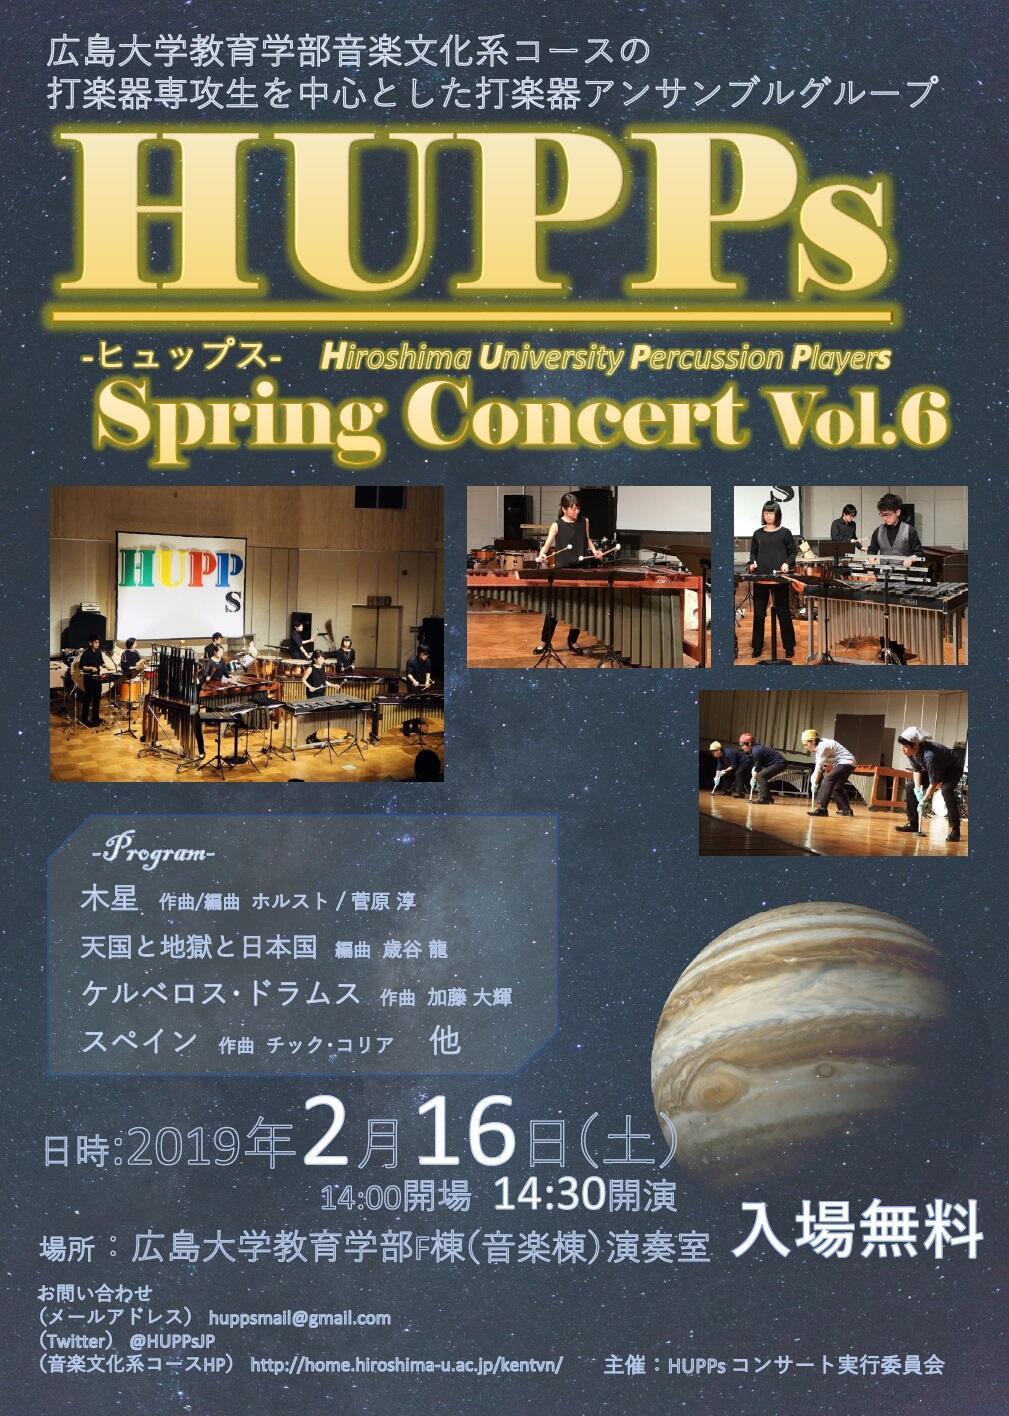 打楽器専攻生+αによる演奏会『HUPPs第6回スプリングコンサート』を開催します【HUPPsコンサート実行委員会】